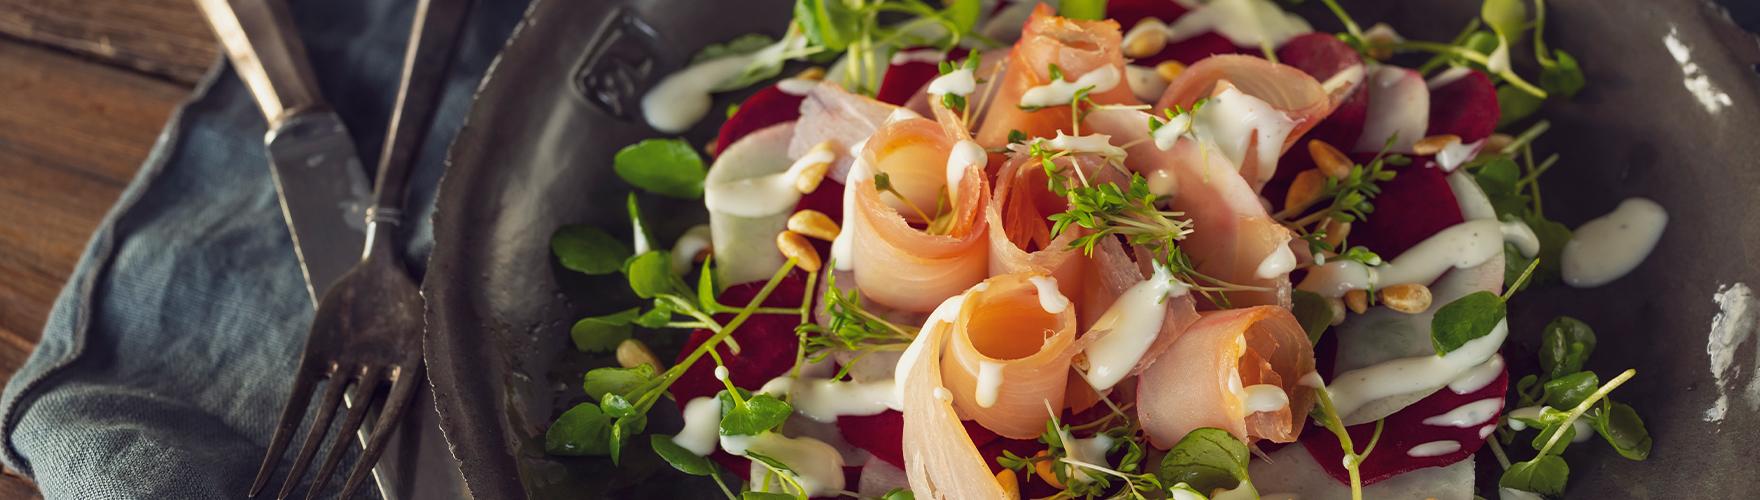 Carpaccio van gerookte tonijn, voorjaarsgroenten en truffelkaas